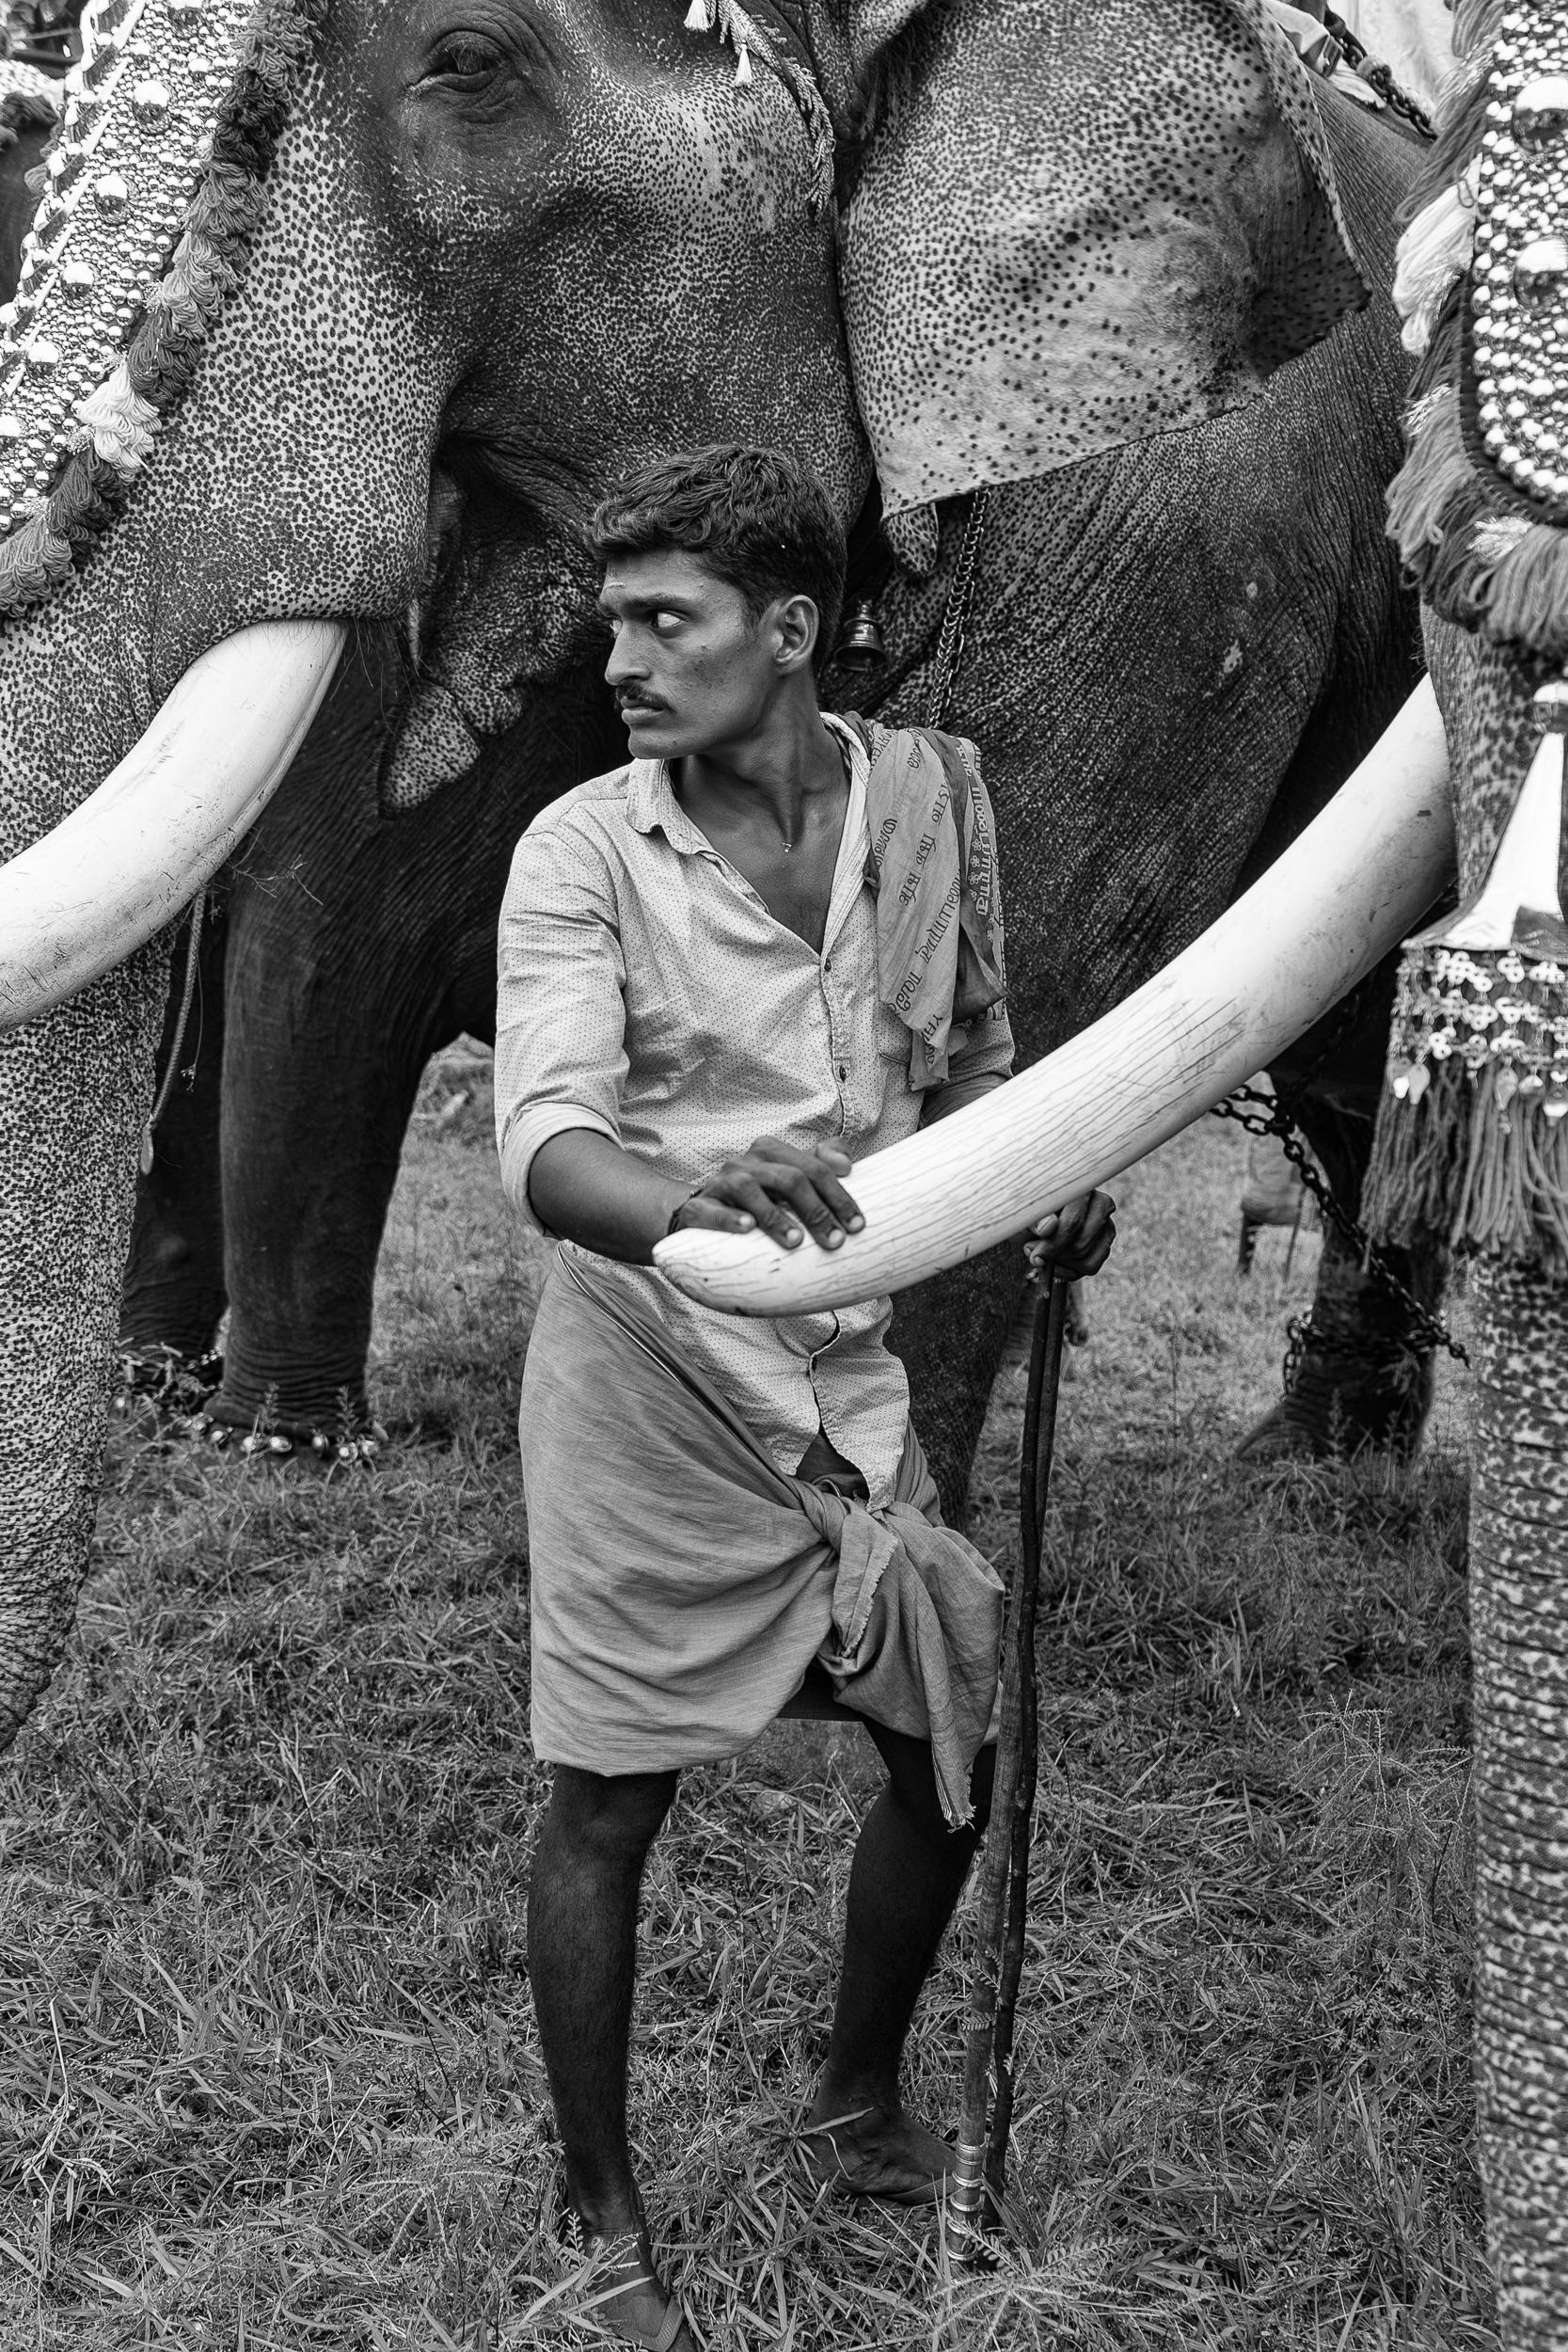 elephant minder, karnataka